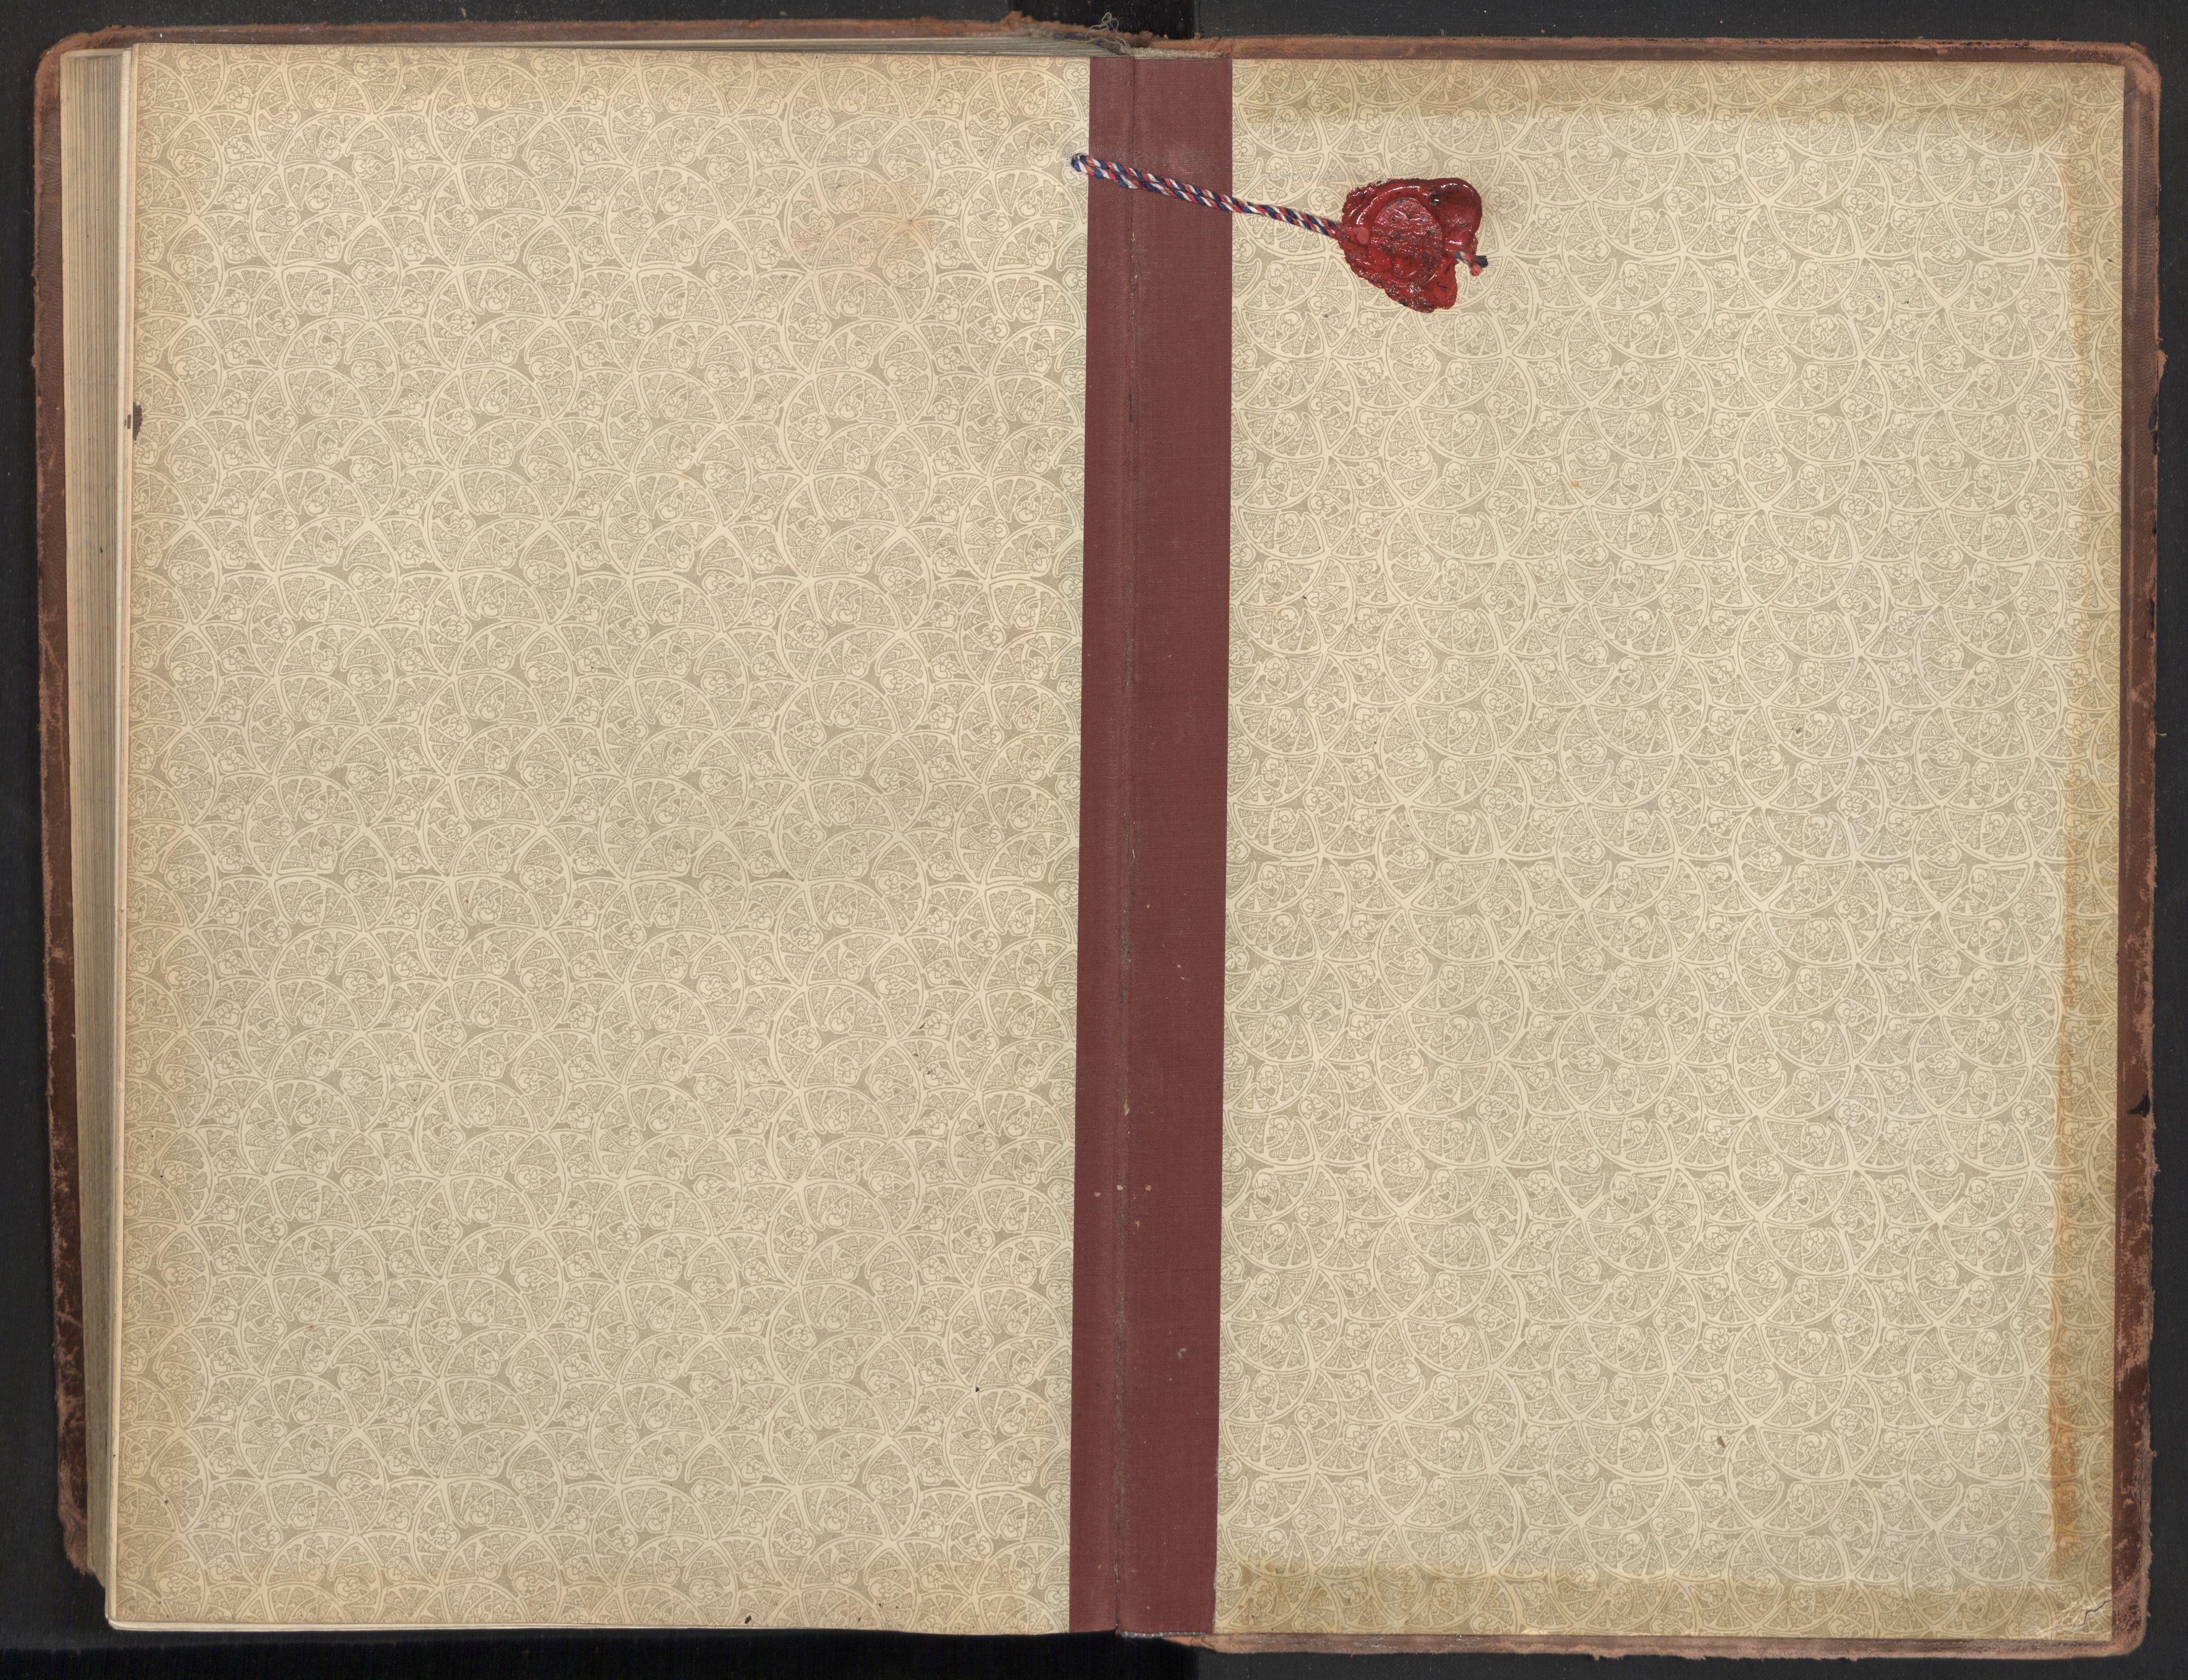 SAT, Ministerialprotokoller, klokkerbøker og fødselsregistre - Sør-Trøndelag, 604/L0207: Ministerialbok nr. 604A27, 1917-1933